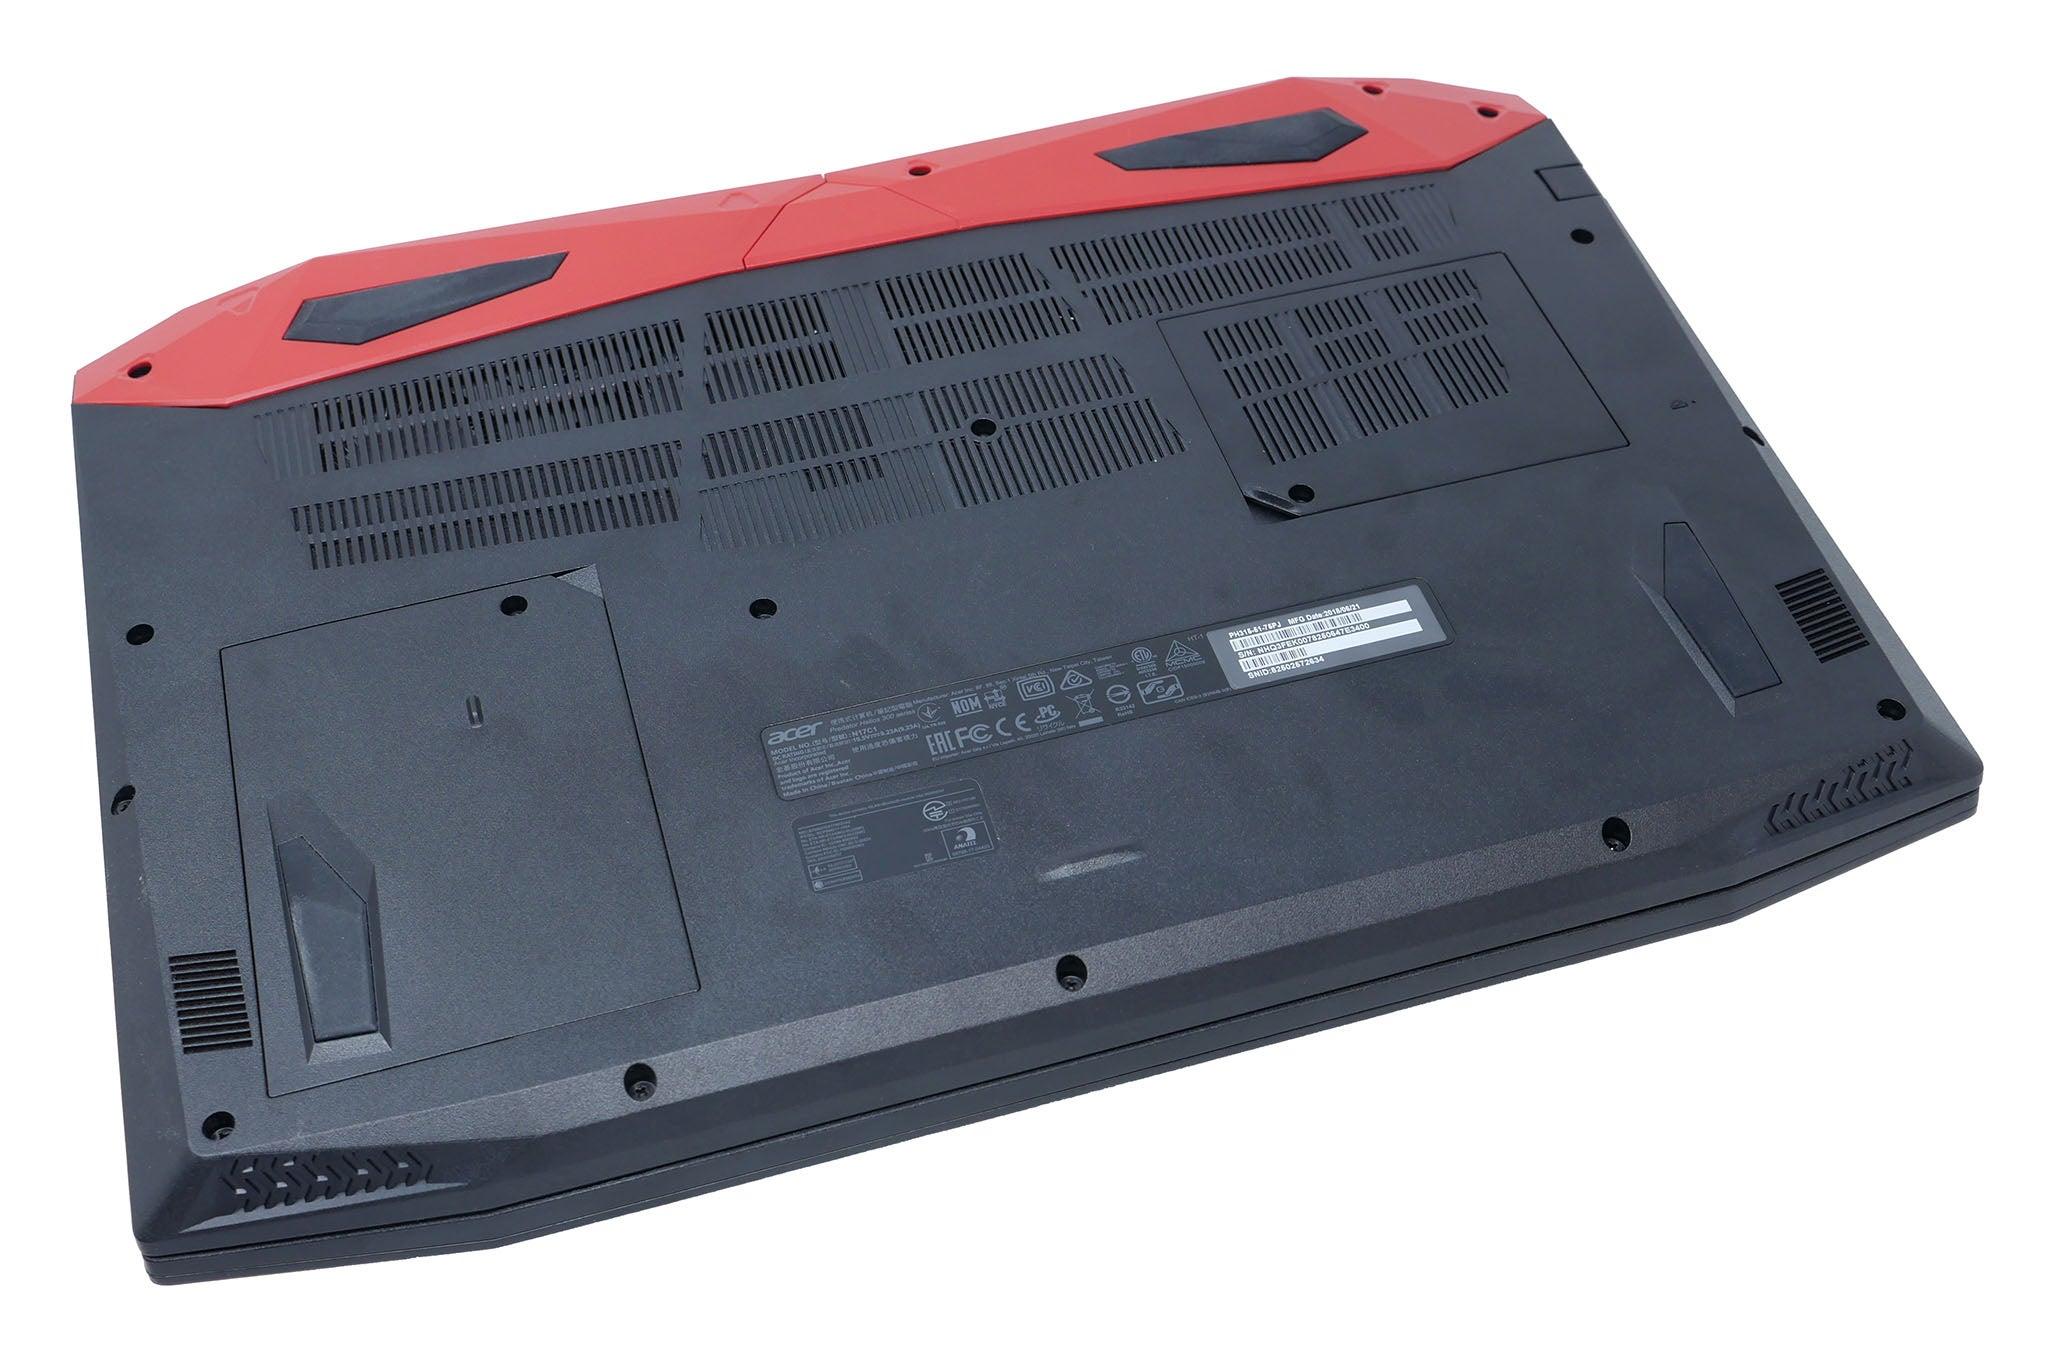 Acer Predator Helios 300 Review | Trusted Reviews